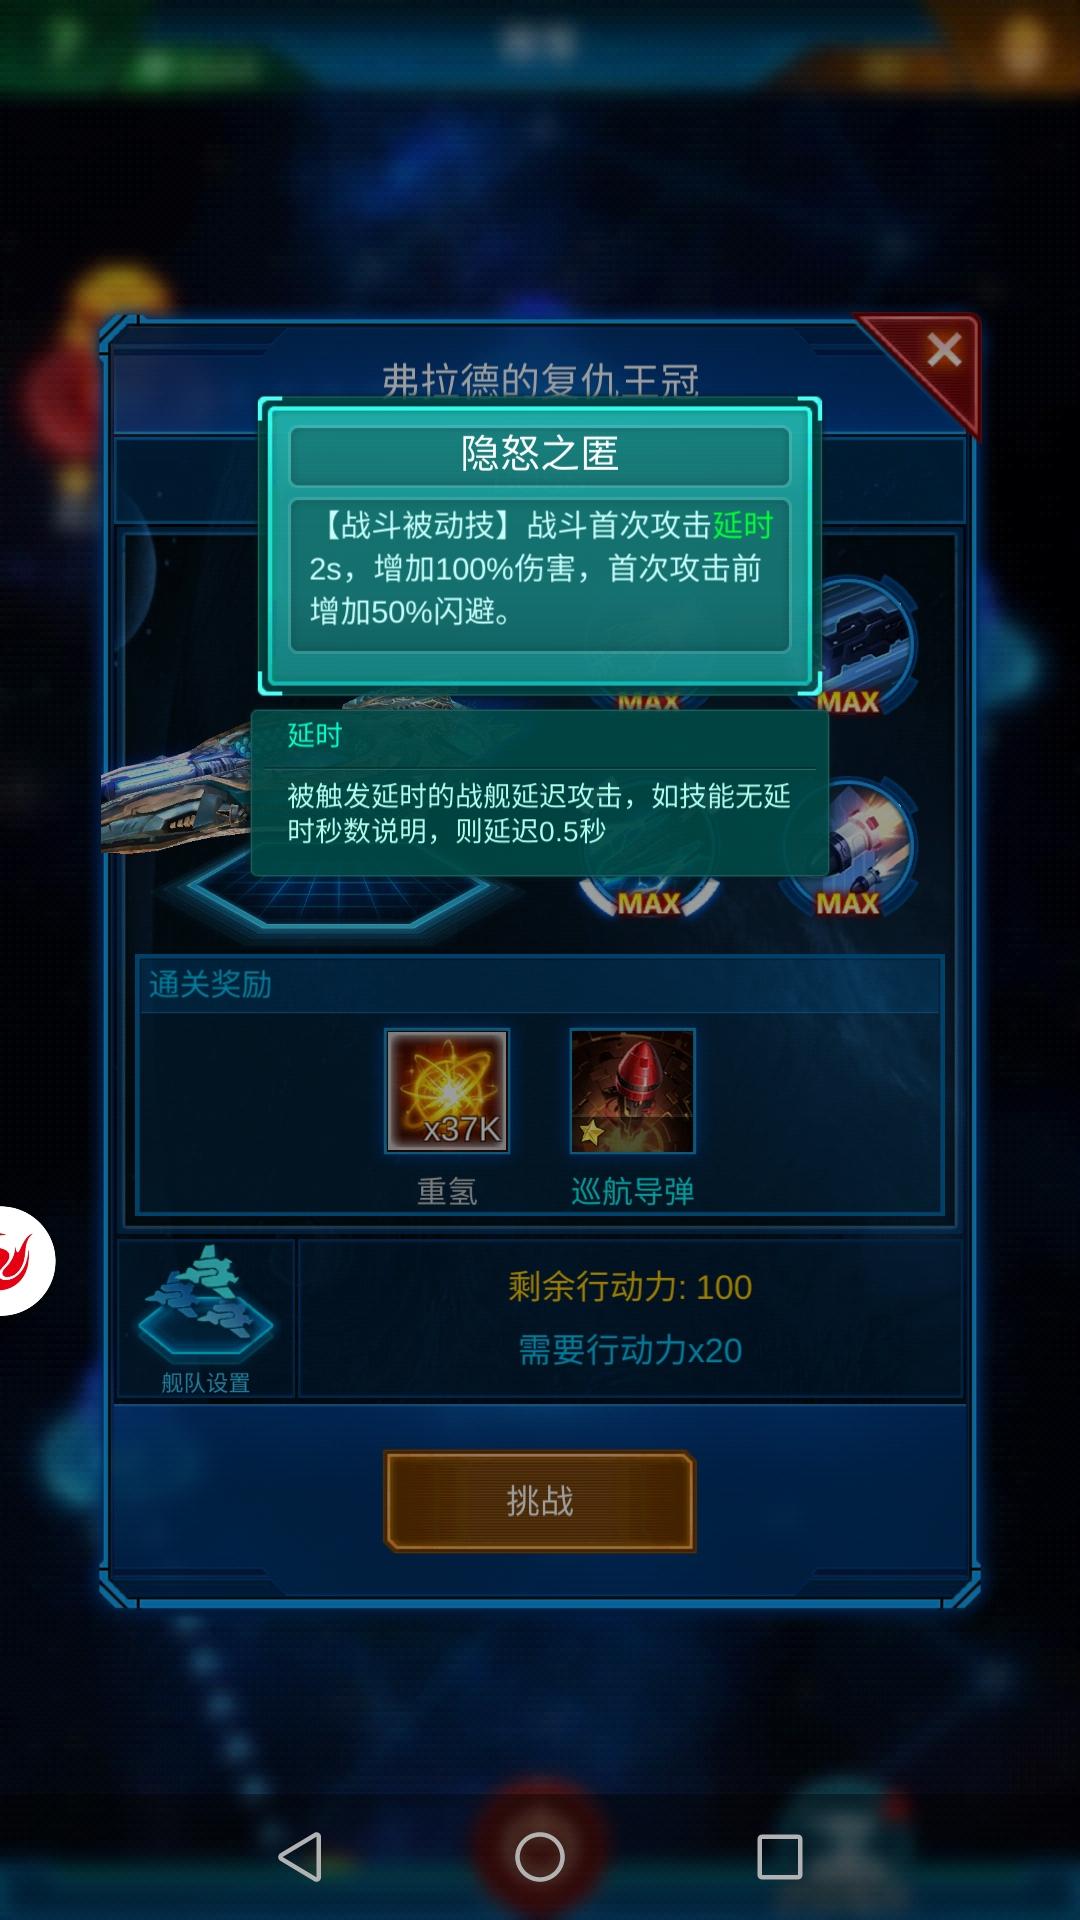 Screenshot_20200409-185732.jpg